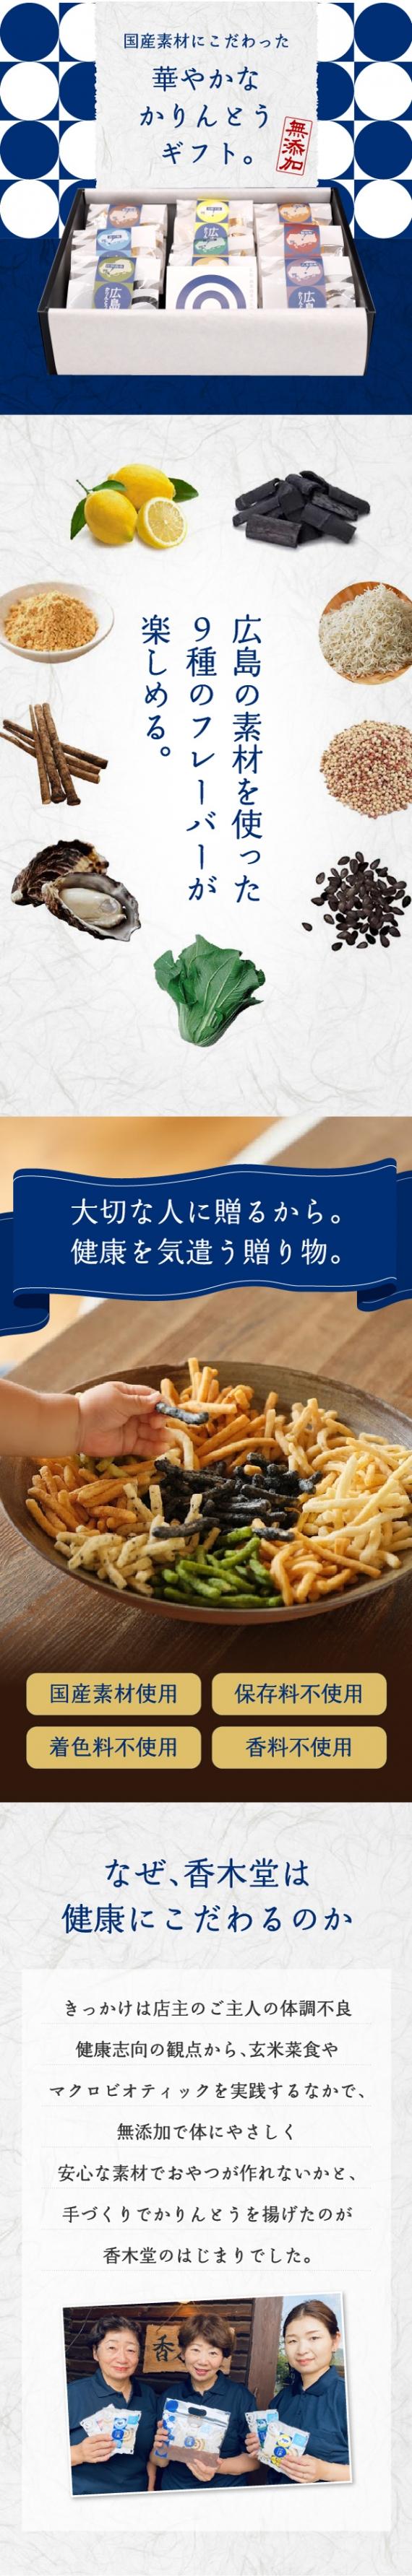 広島のかりんとう屋さん【香木堂】 広島かりんとう物語9種入り